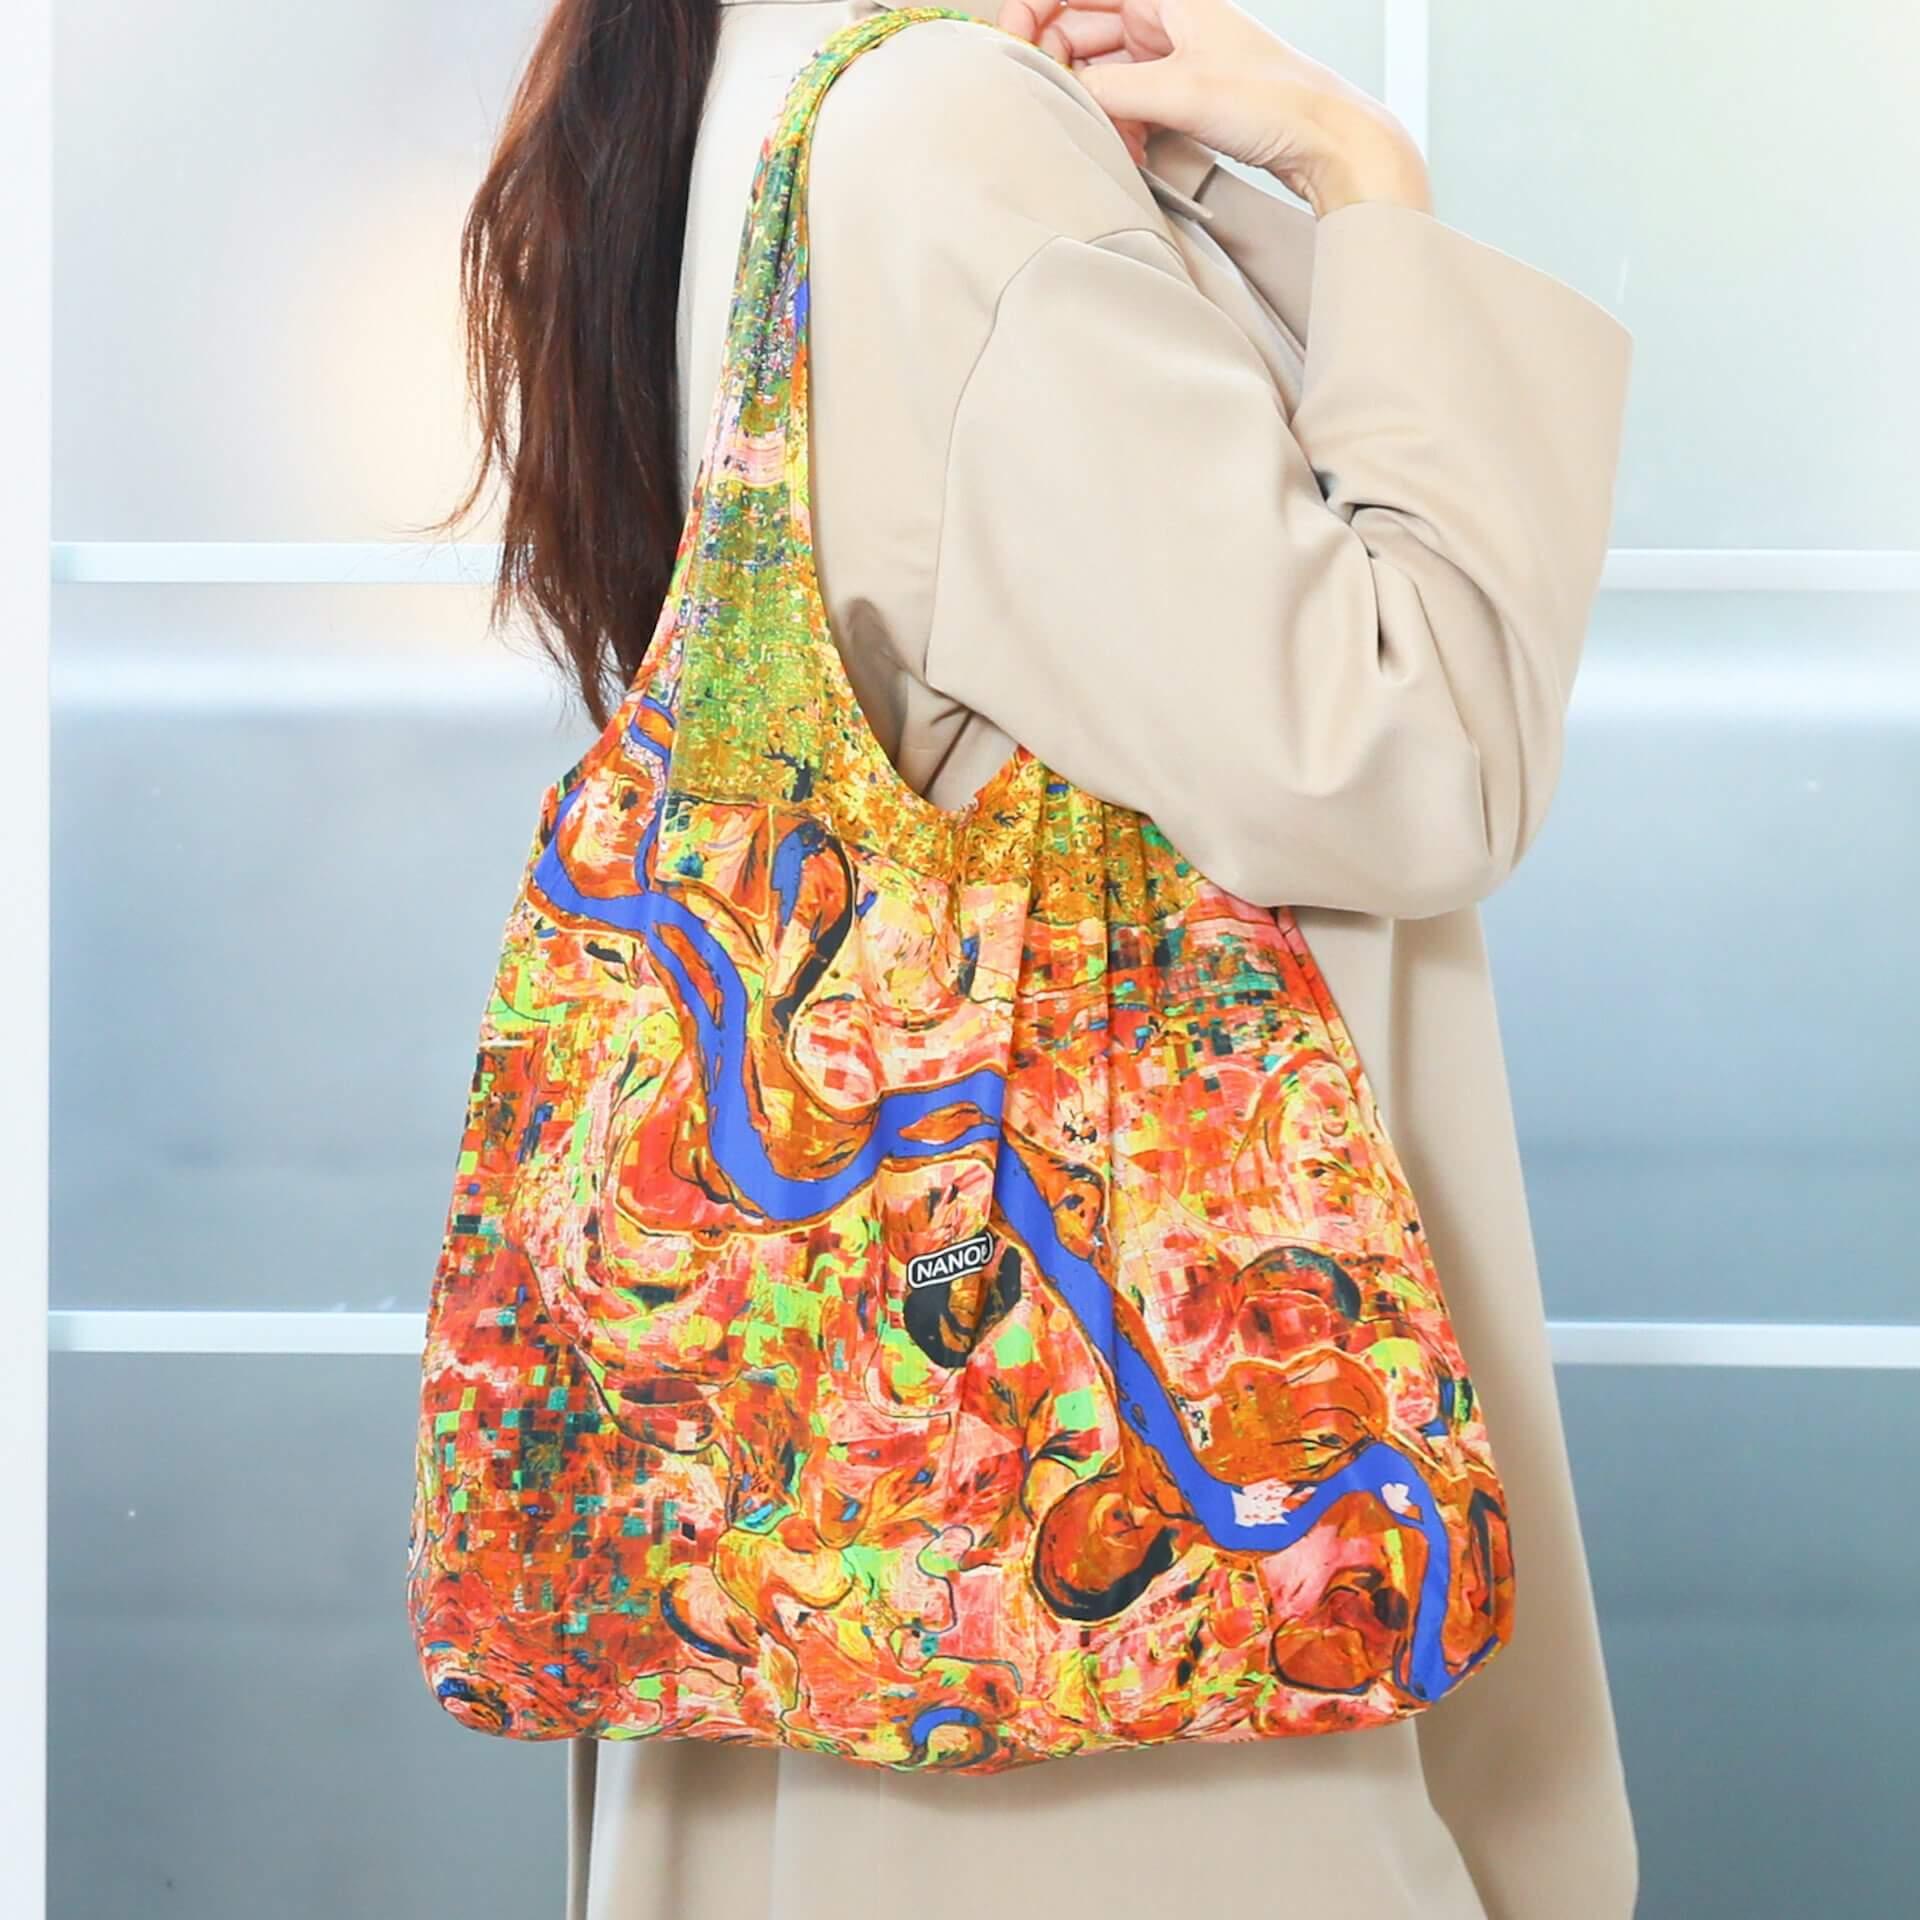 手のひらサイズのエコバッグ『NANOBAG』でお買い物しよう!全国販売を記念したTwitterプレゼントキャンペーンが実施 ac200714_nanobag_07